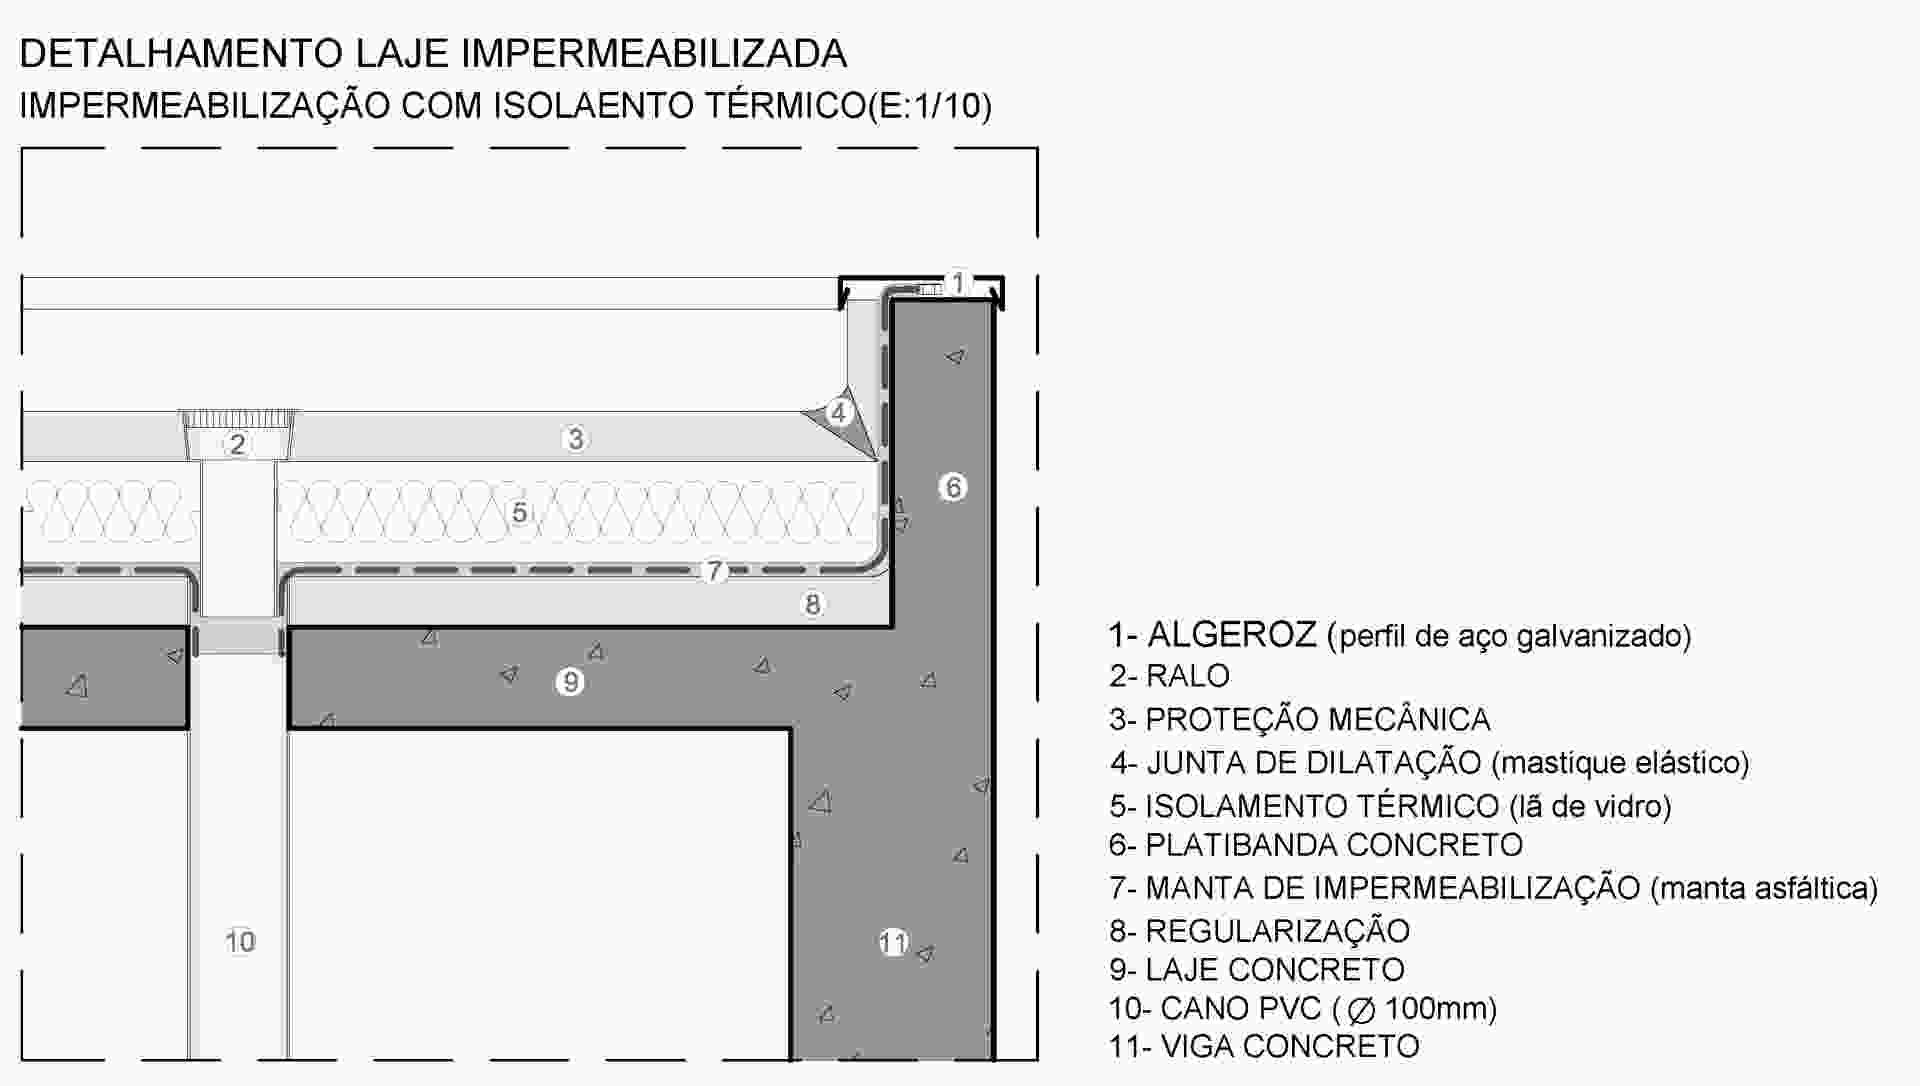 Excepcional Arq. Tec - Laje impermeabilizada x Cobertura verde | estúdio concreto PN24